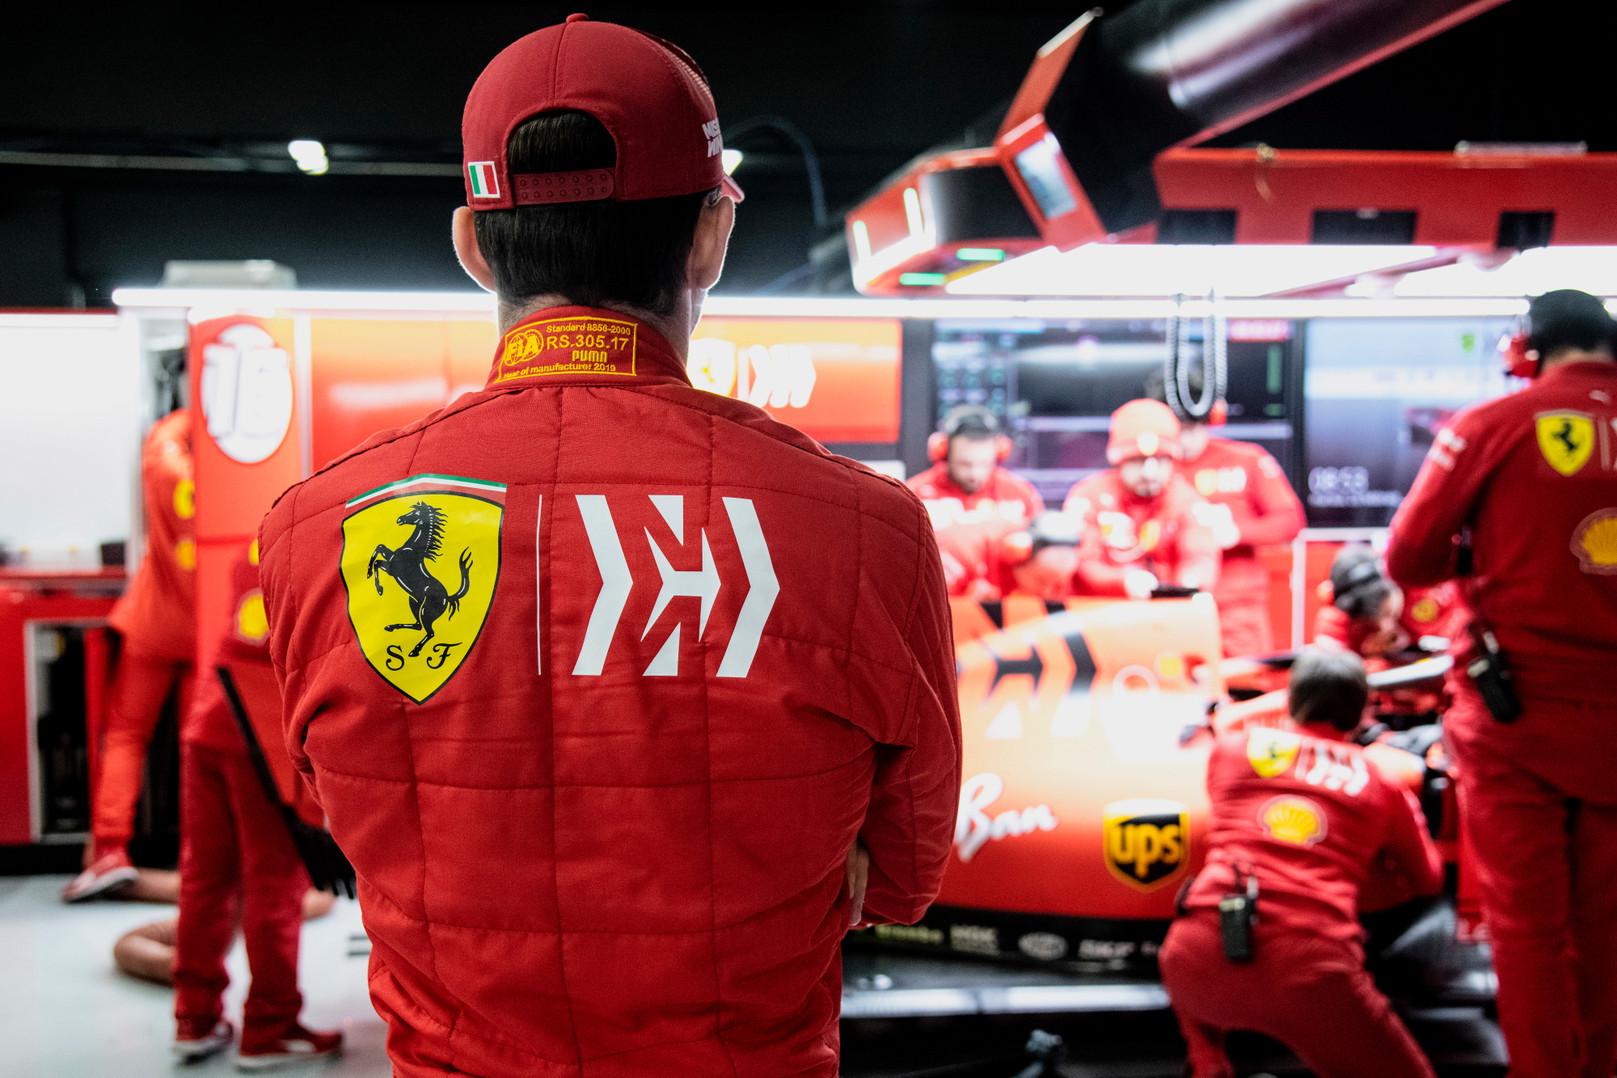 """Per dešimtmetį rėmėjai """"Ferrari"""" komandai sumokėjo 2,1 mlrd. JAV dolerių"""